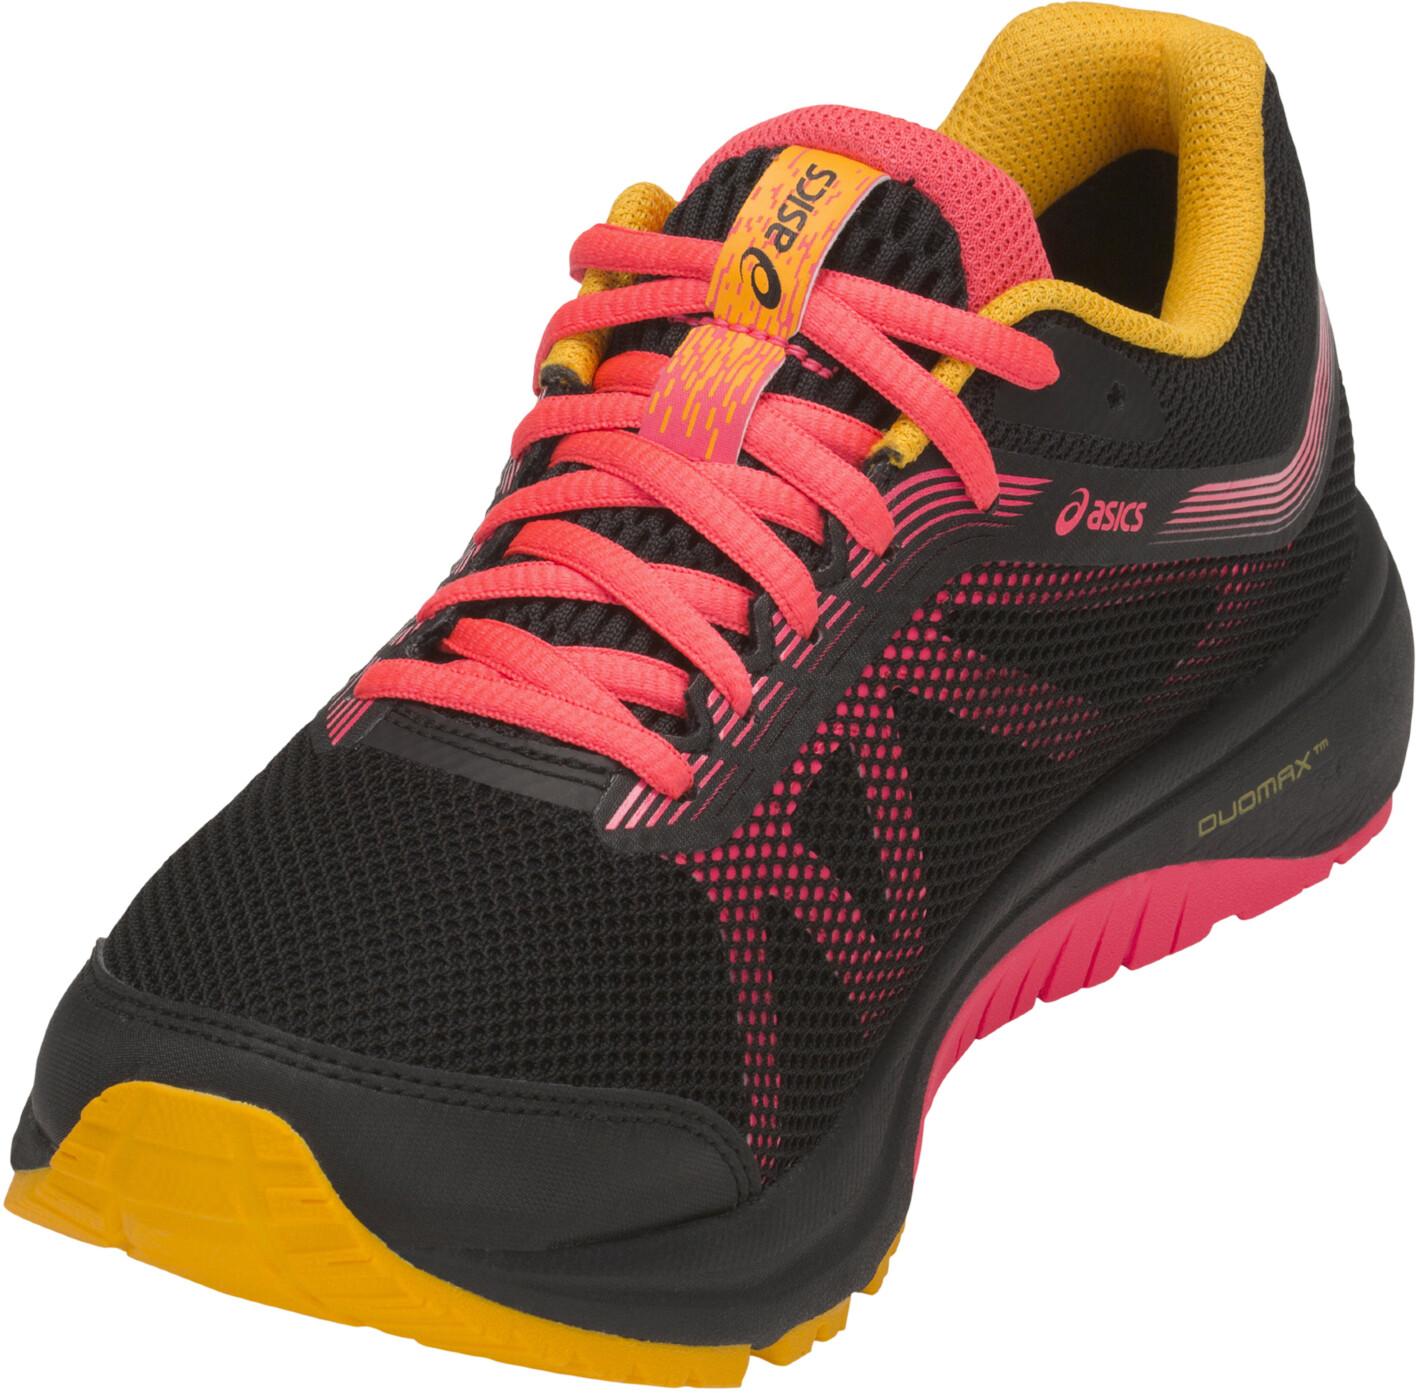 online store 09b20 8634d asics GT-1000 7 G-TX - Chaussures running Femme - rose noir